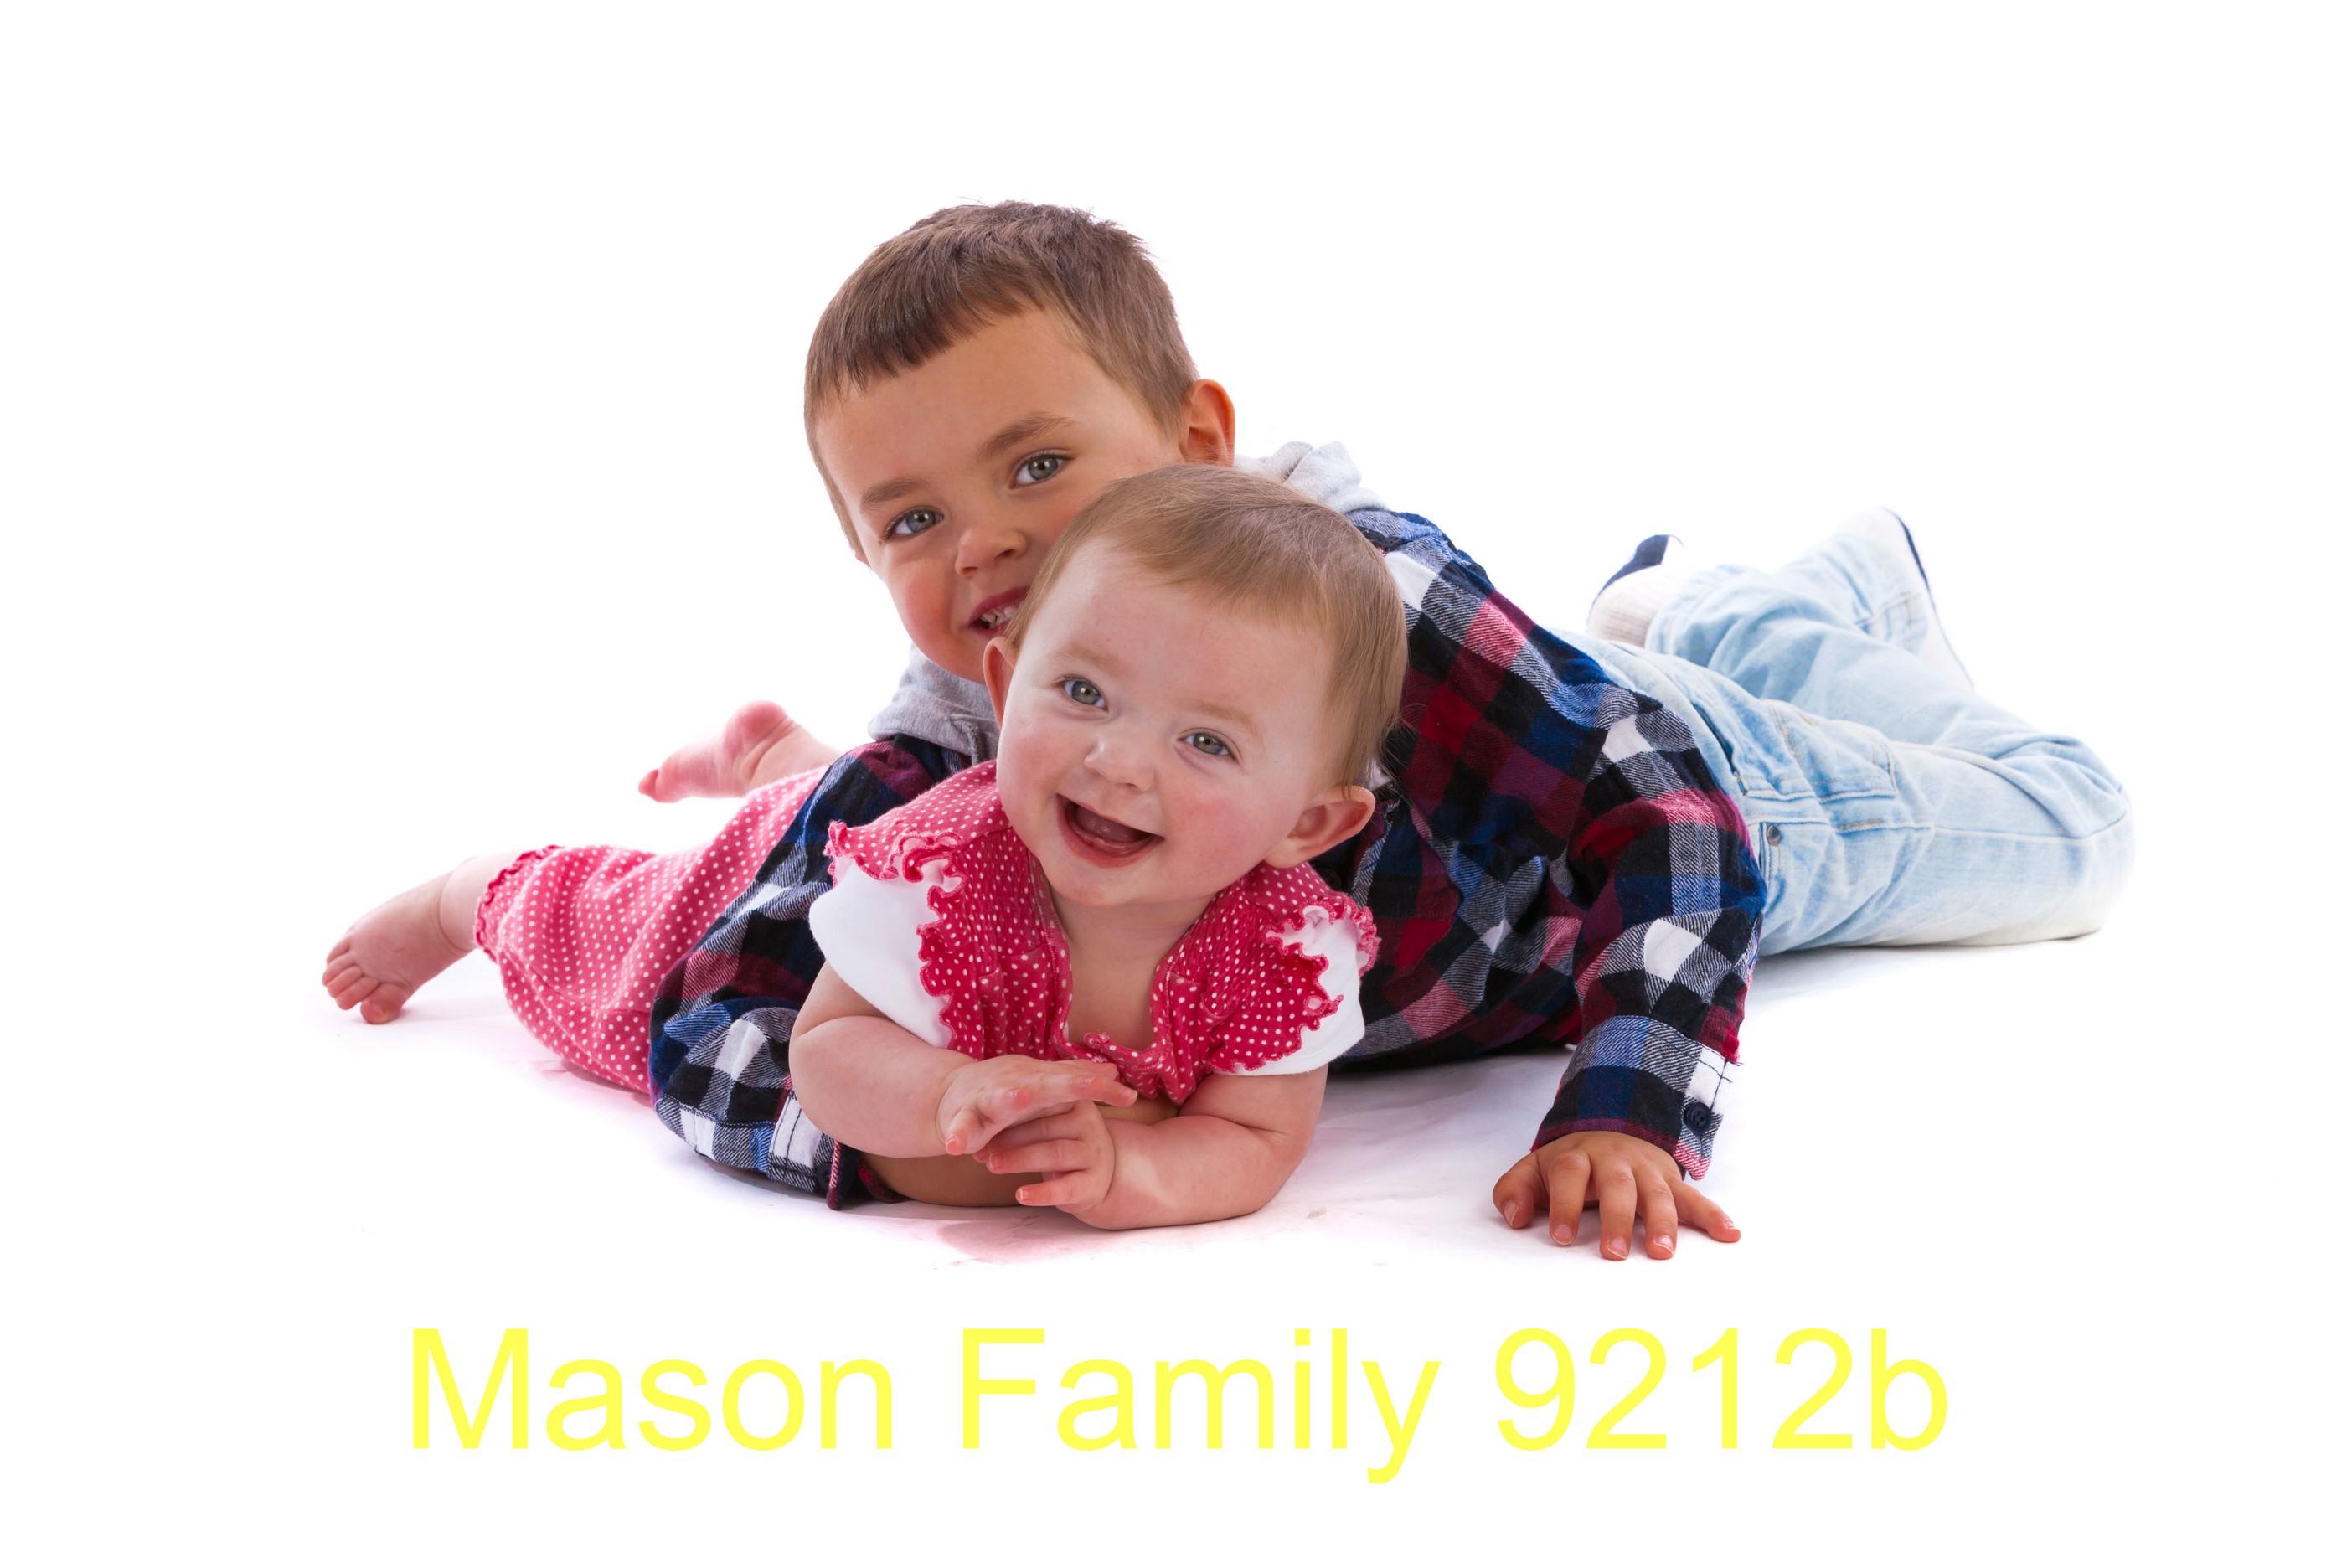 Mason Family 9212b